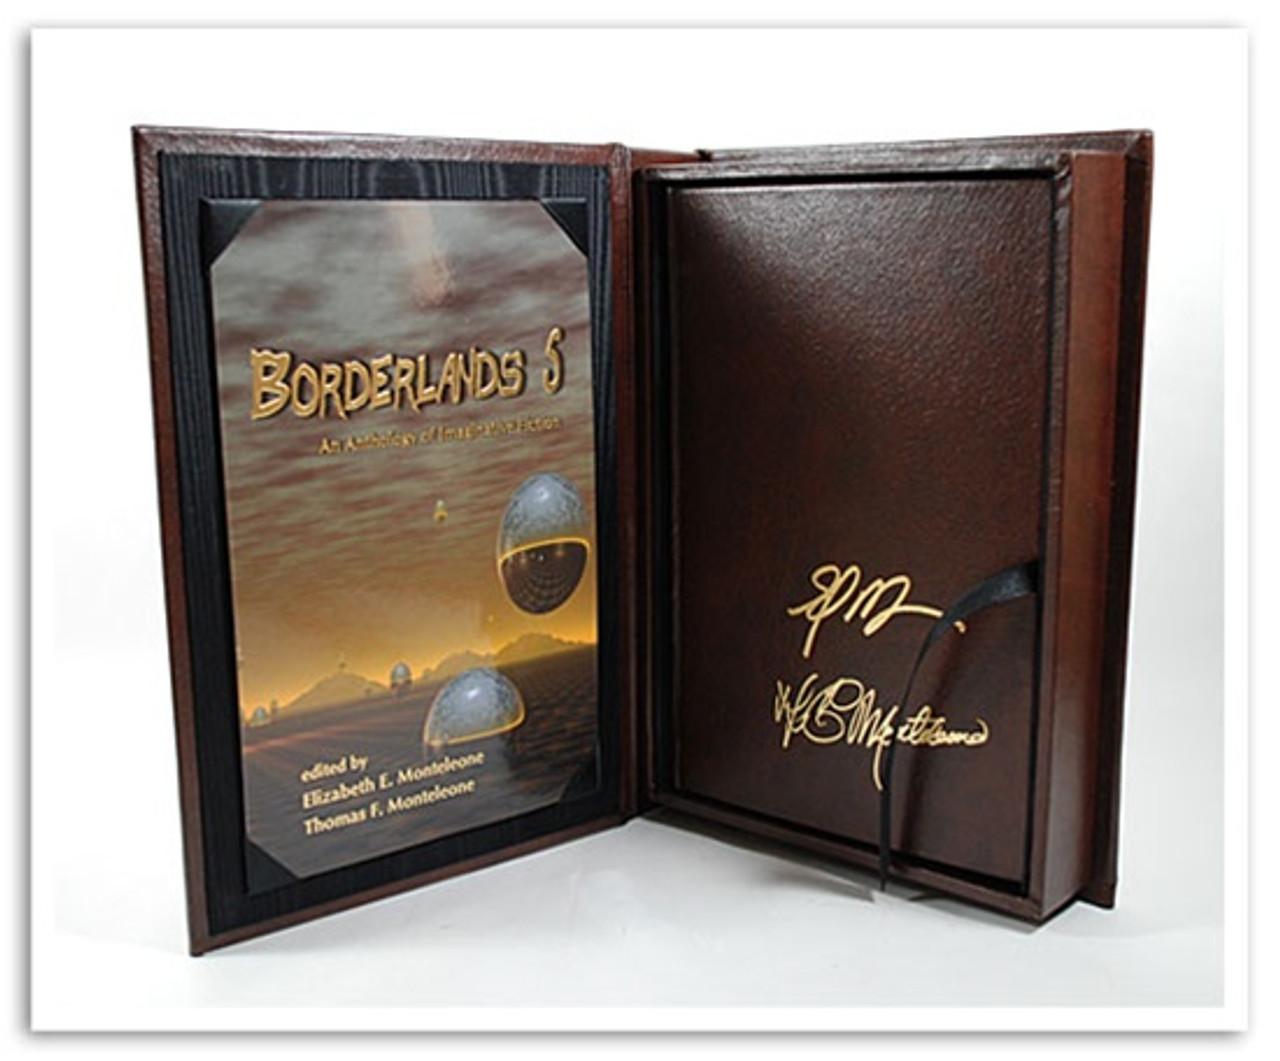 Borderlands 5 Stephen King Lettered Signed